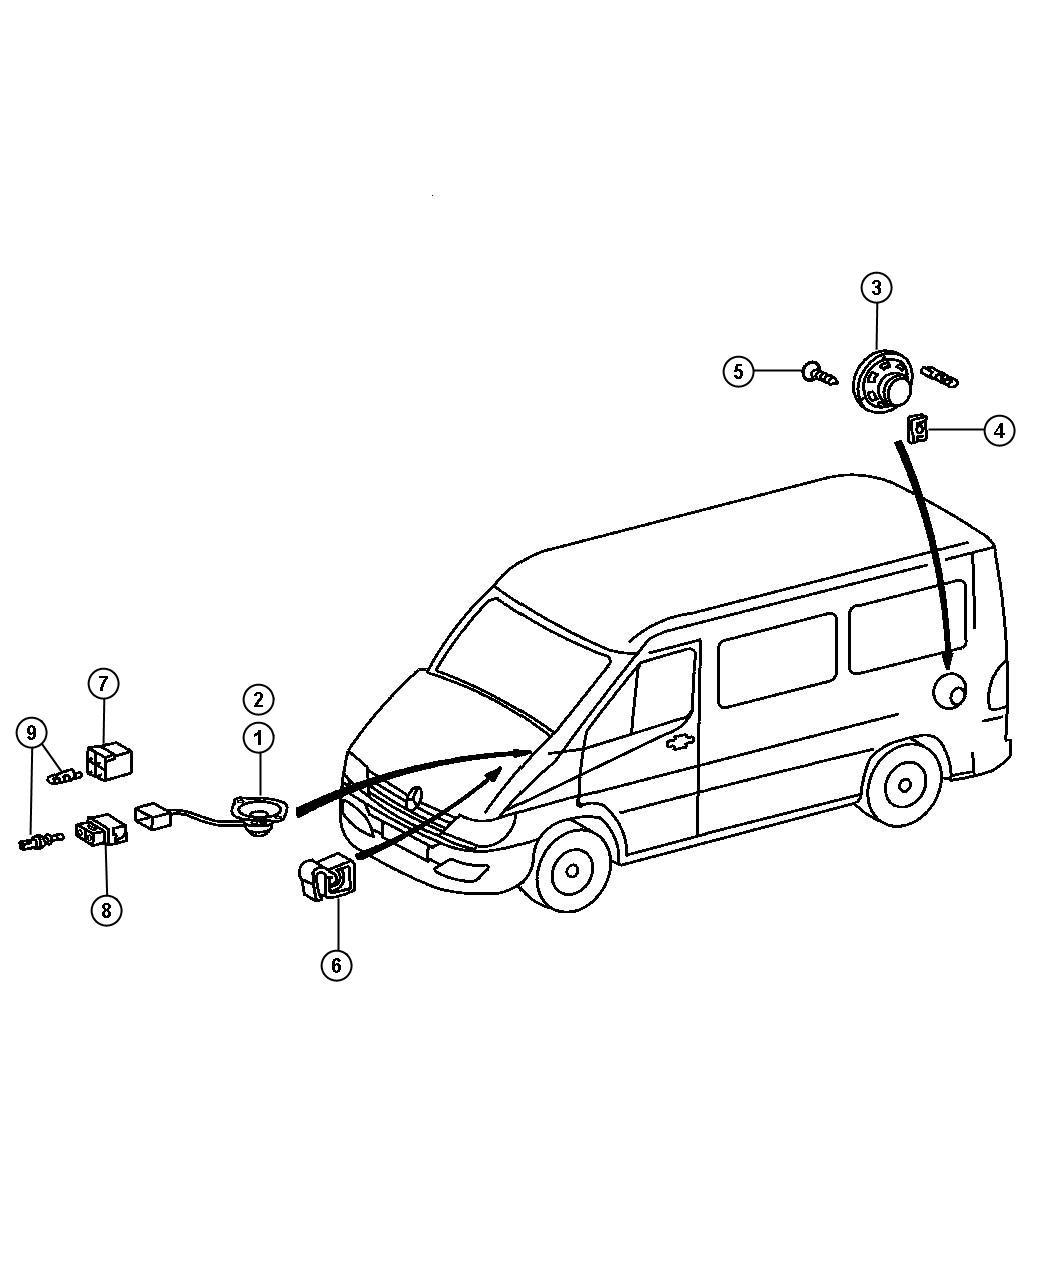 Dodge Sprinter Retainer Wiring Harness